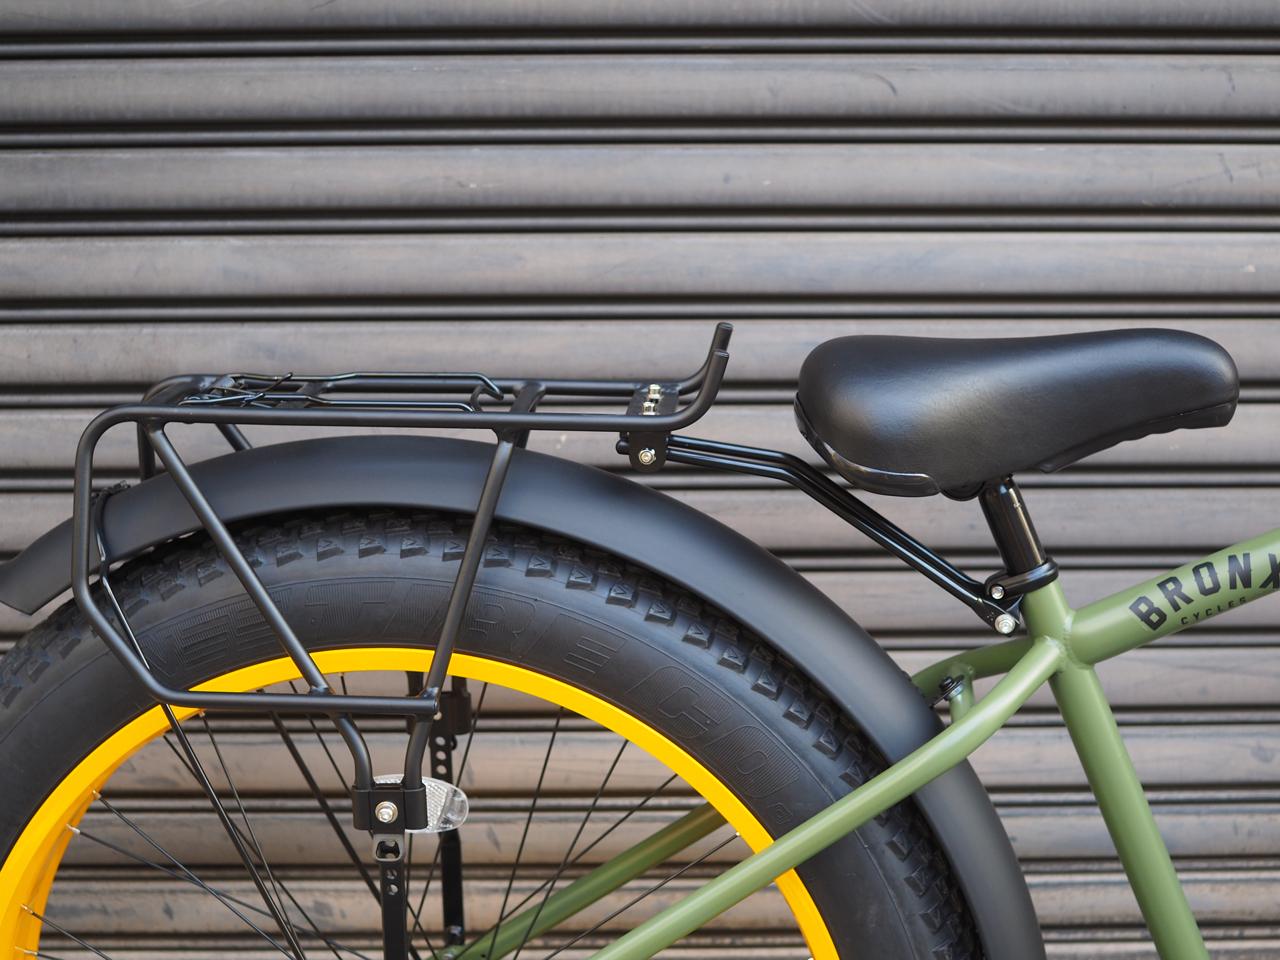 ファットバイク,ブロンクス,fatbike,bronx,ファットバイクカスタム